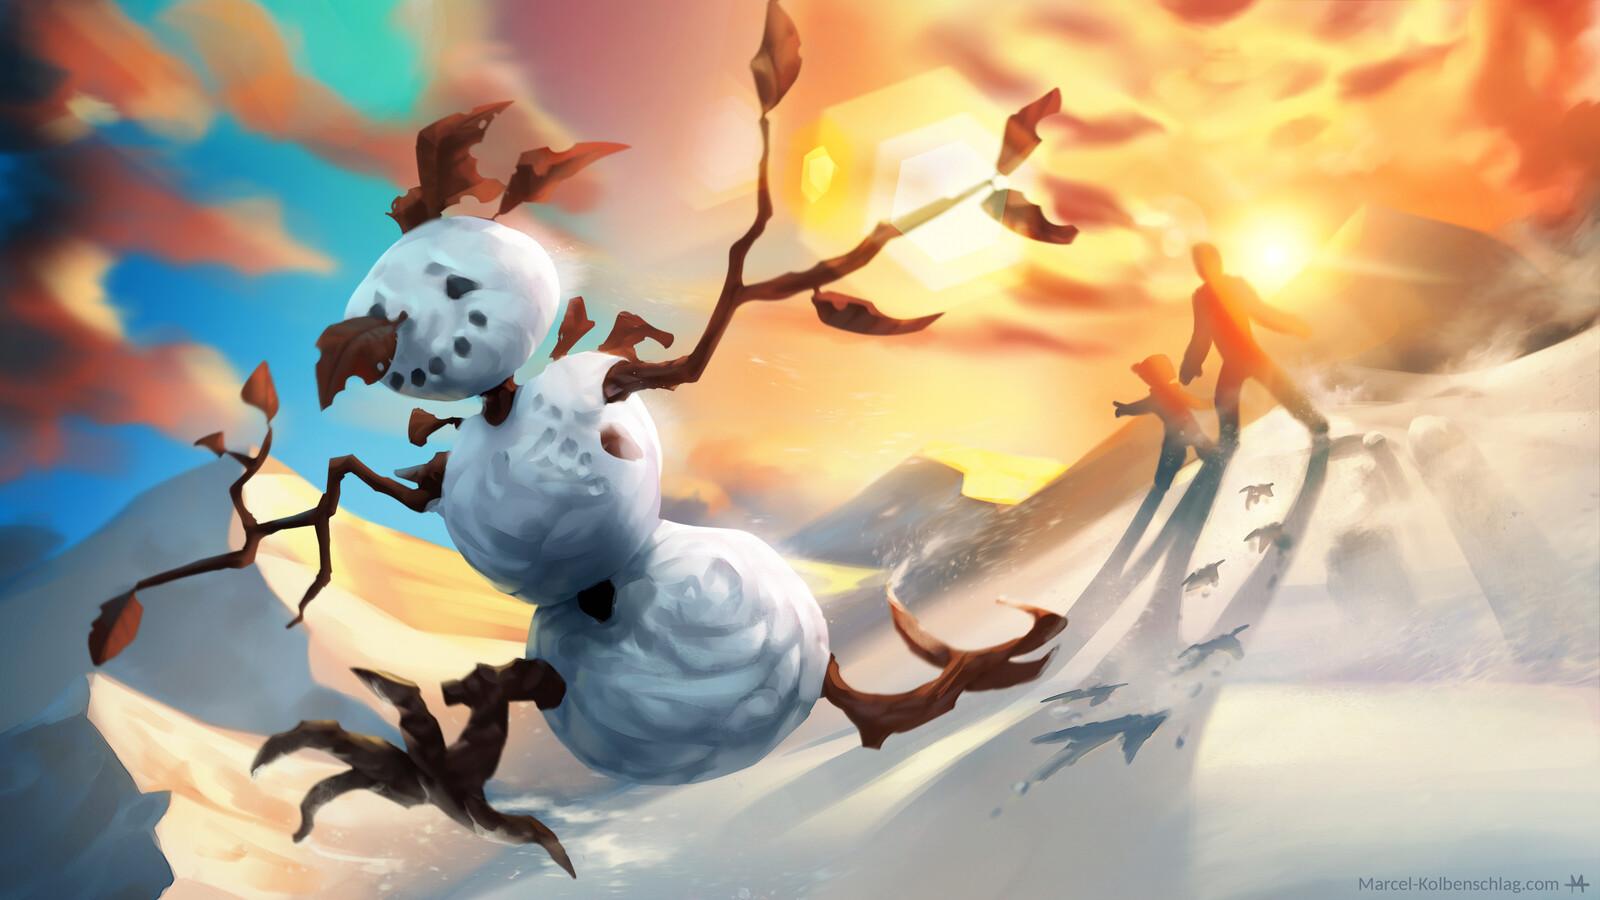 Escaping Snowman